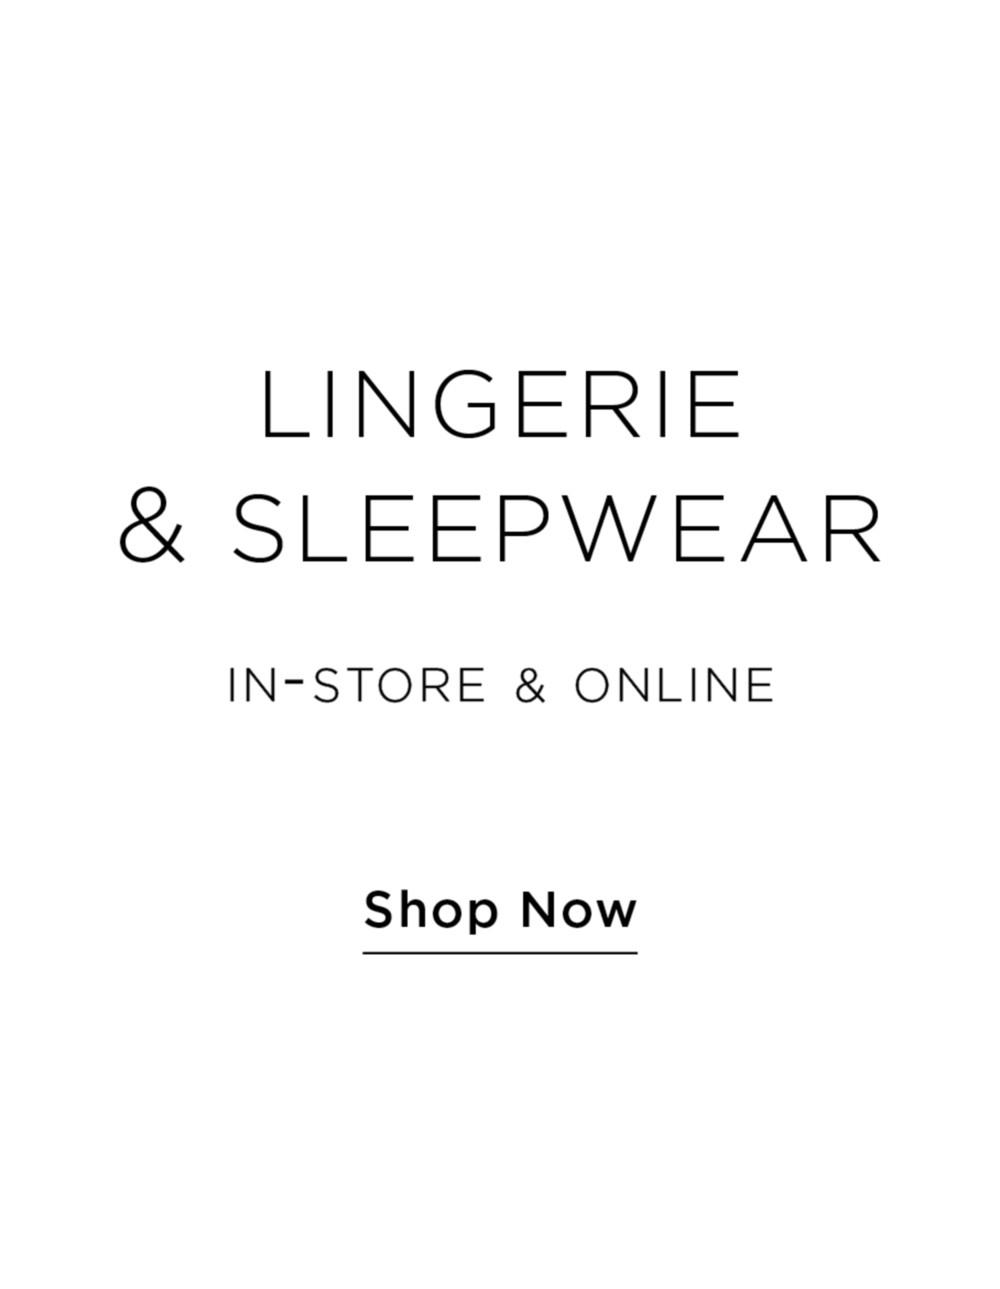 Lingerie & Sleepwear